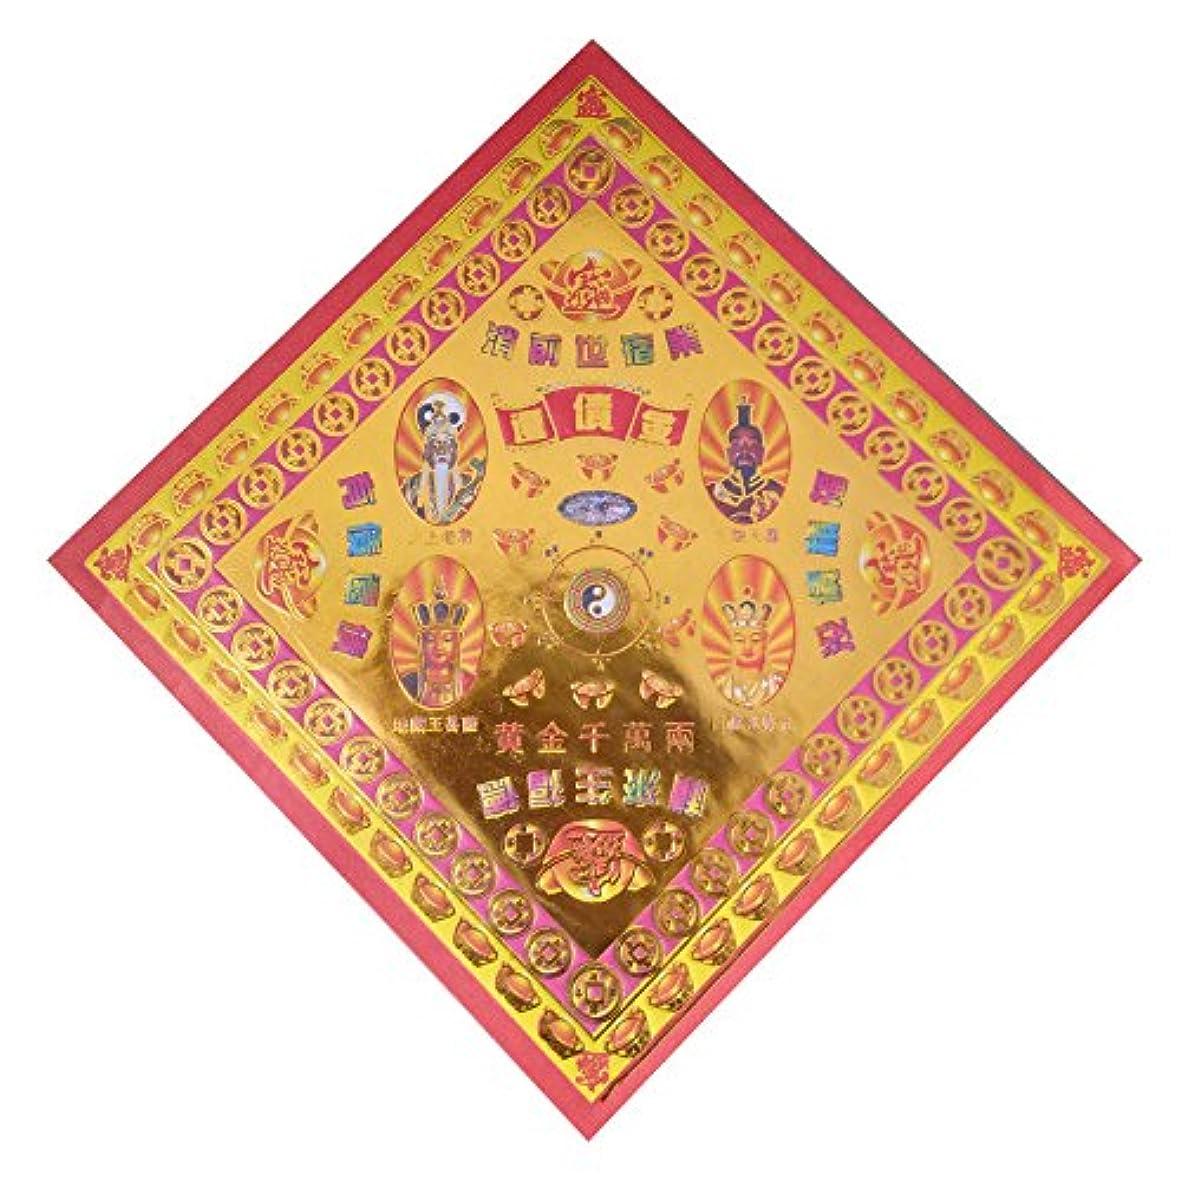 軽食誓約びっくりしたzeestar 40個Incense用紙/Joss Paper Money/Joss用紙yellow-goldの祖先Praying 7.67インチx 7.67インチ – huanzhaijin